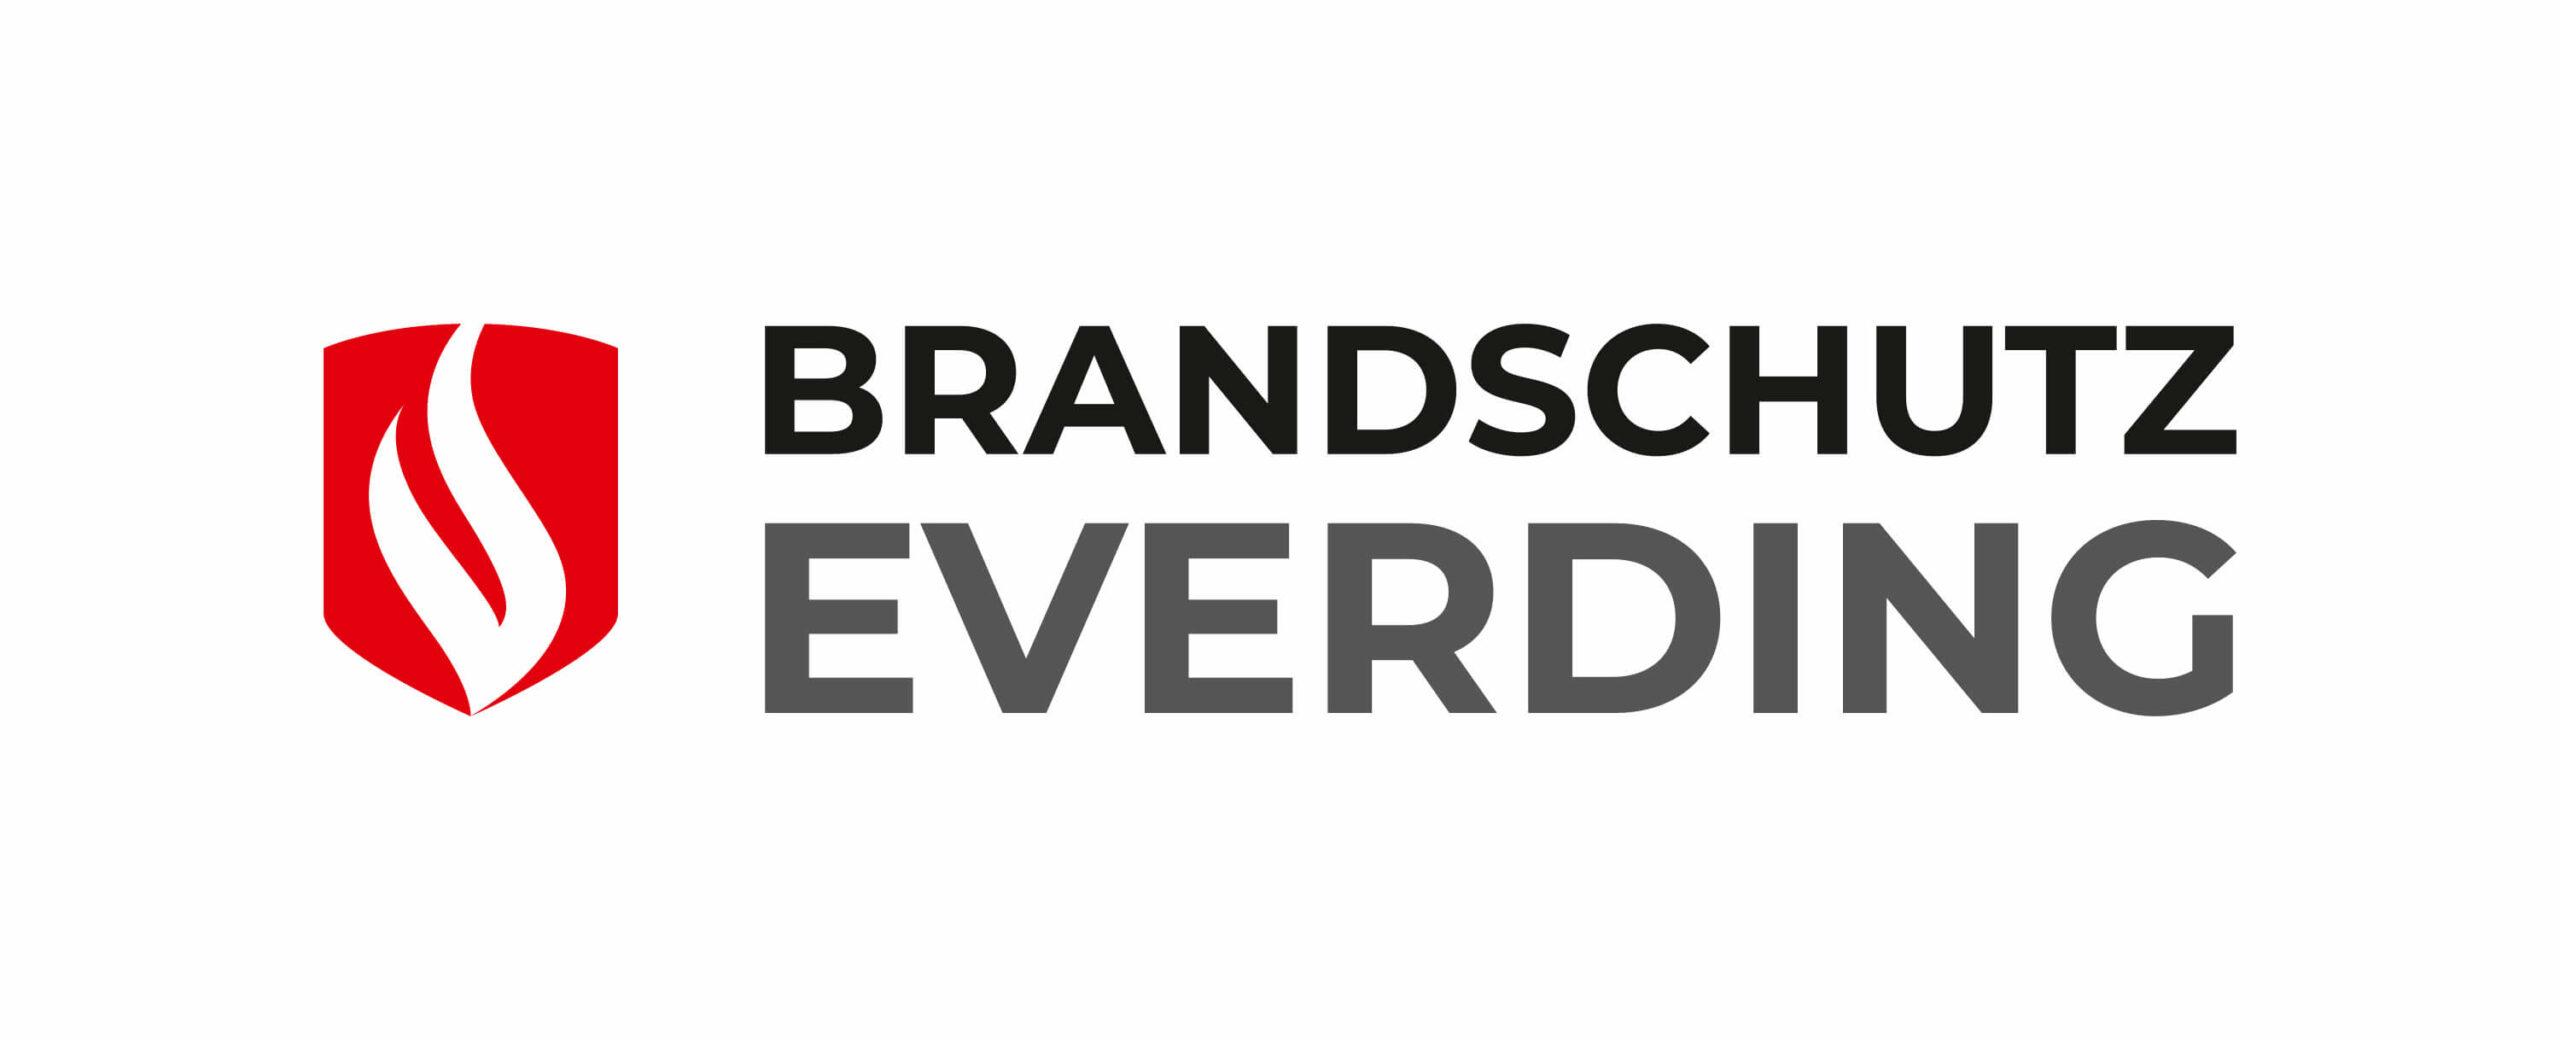 Brandschutz Everding